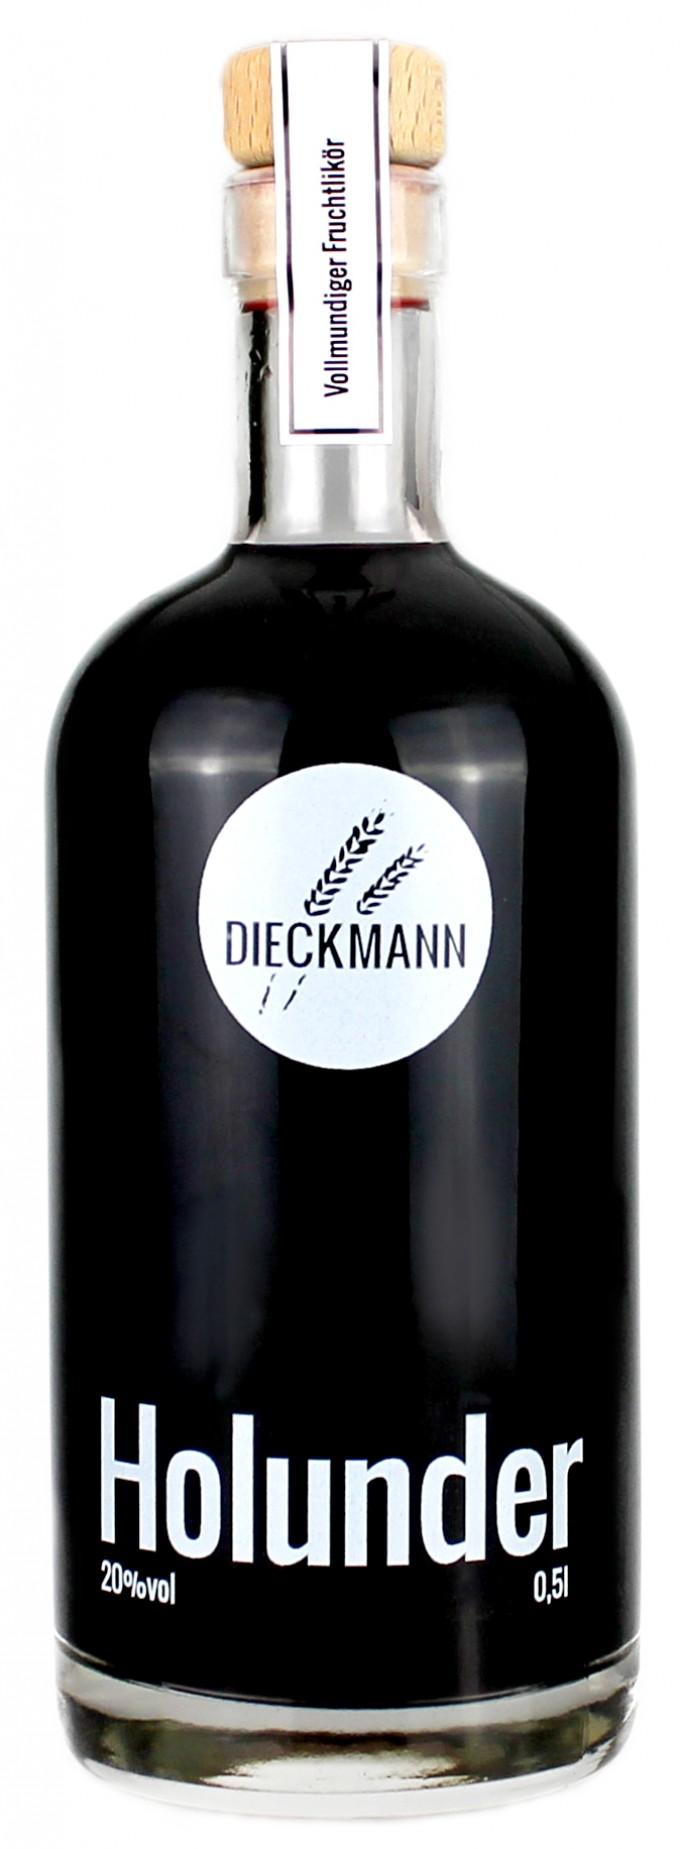 Weizenbrennerei & Likörmanufaktur Dieckmann Holunder - Fruchtlikör LIKÖR 20%vol., 0,5l